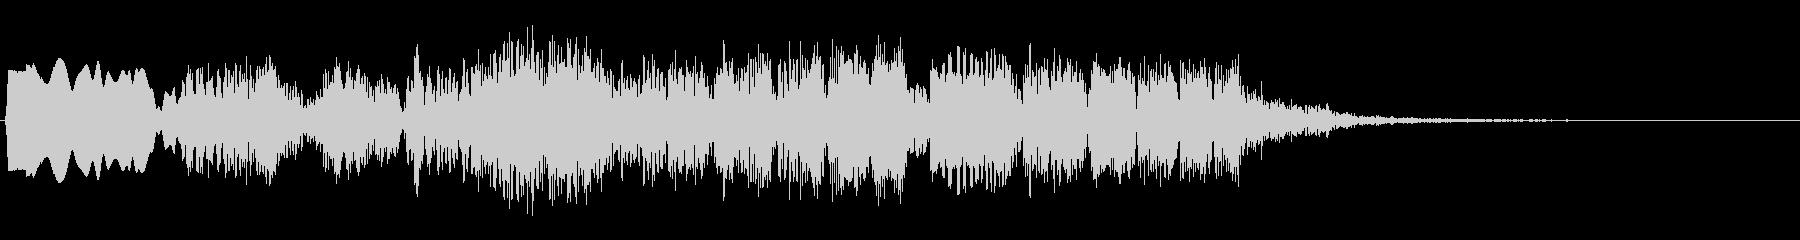 プクプクプク(水中の泡の音)の未再生の波形